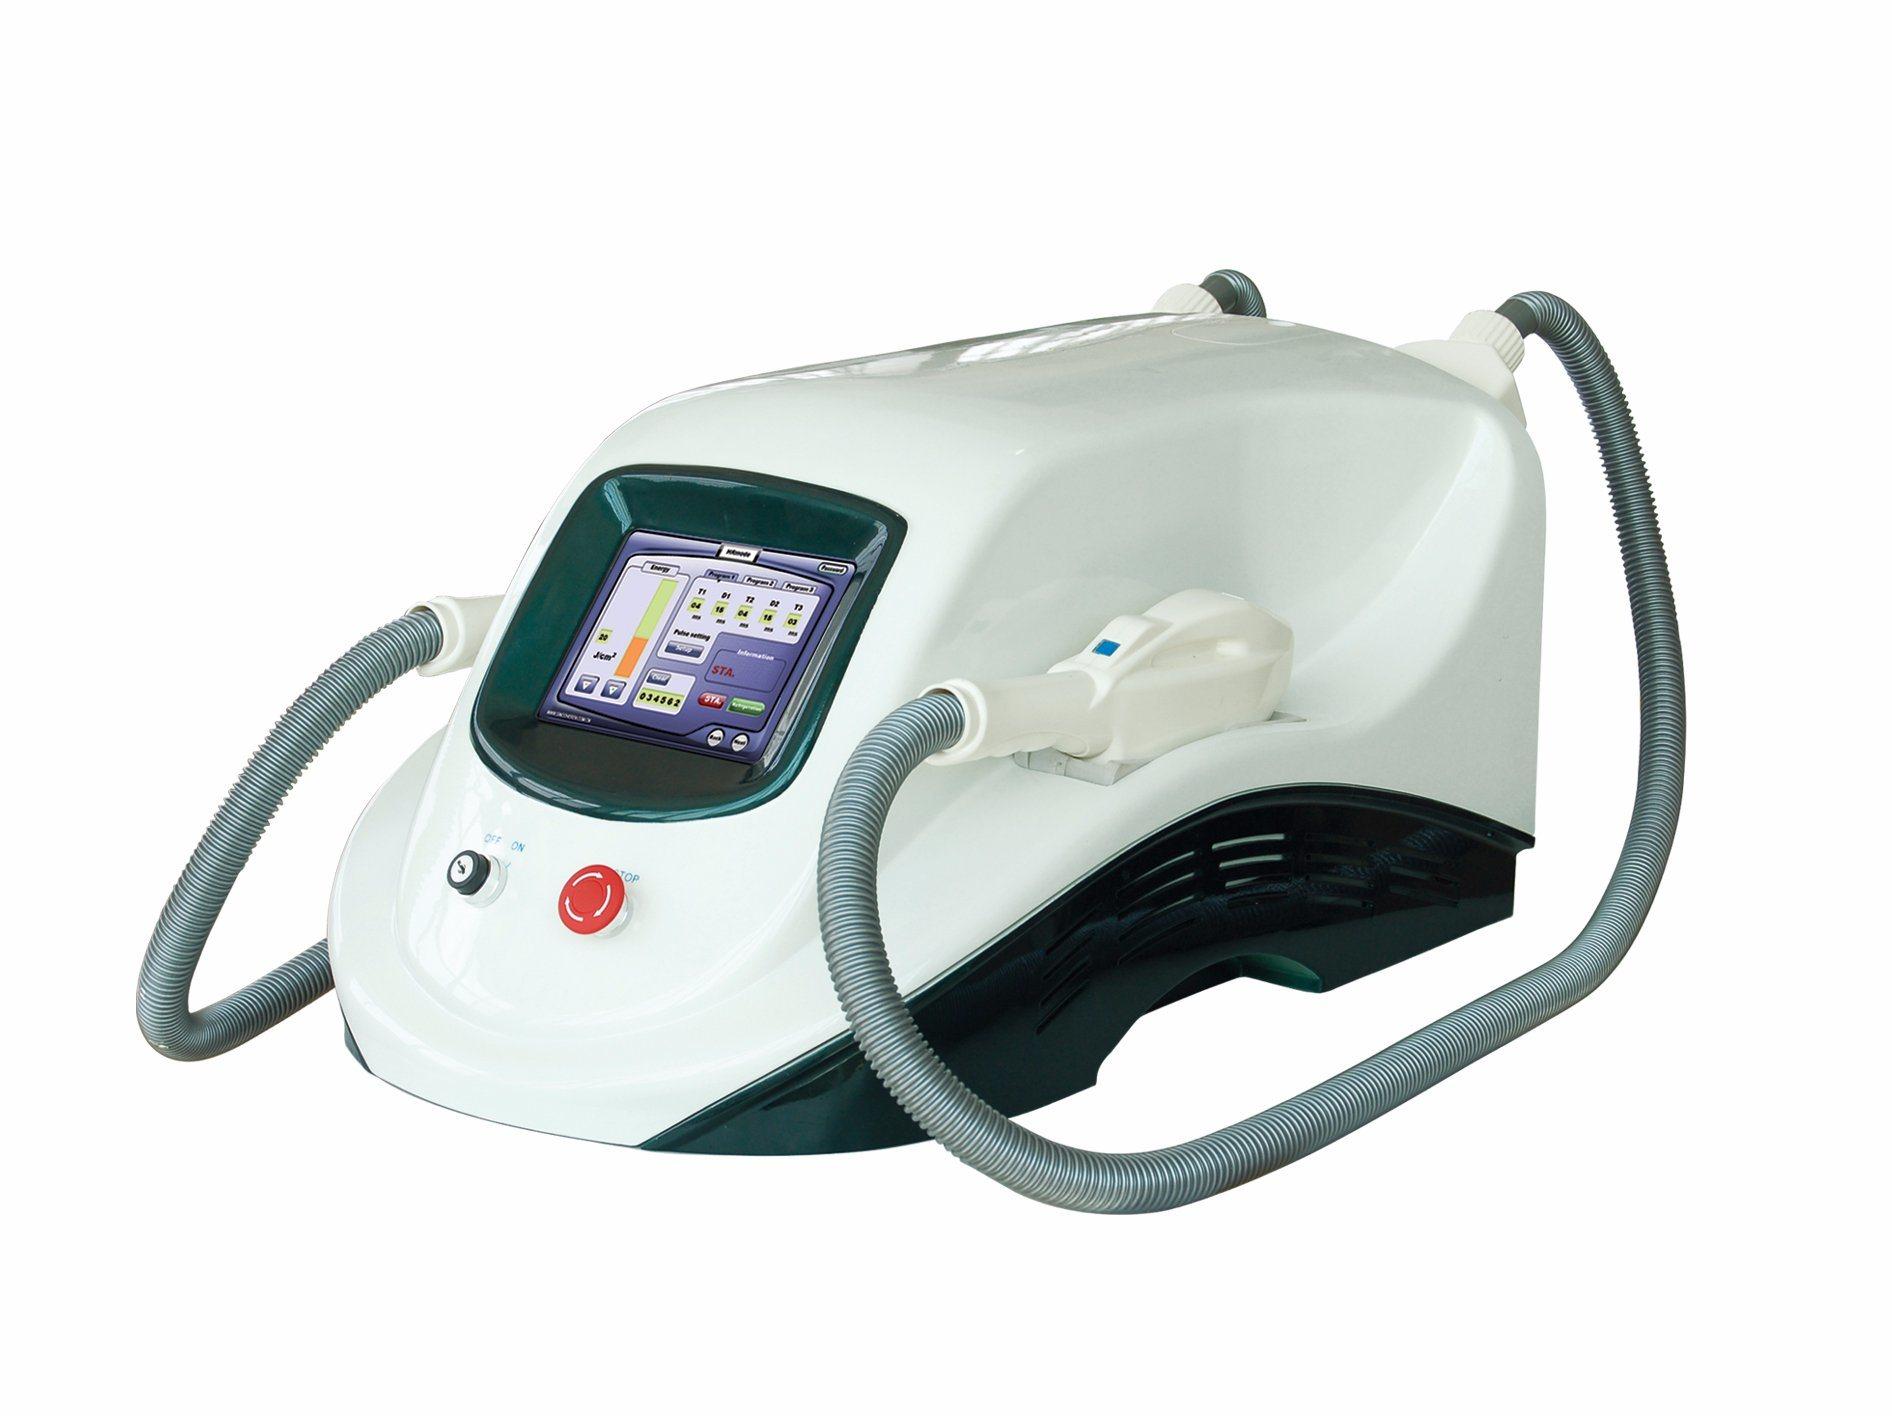 IPL Shr Mini Hair Removal Device/FDA, Tga CE